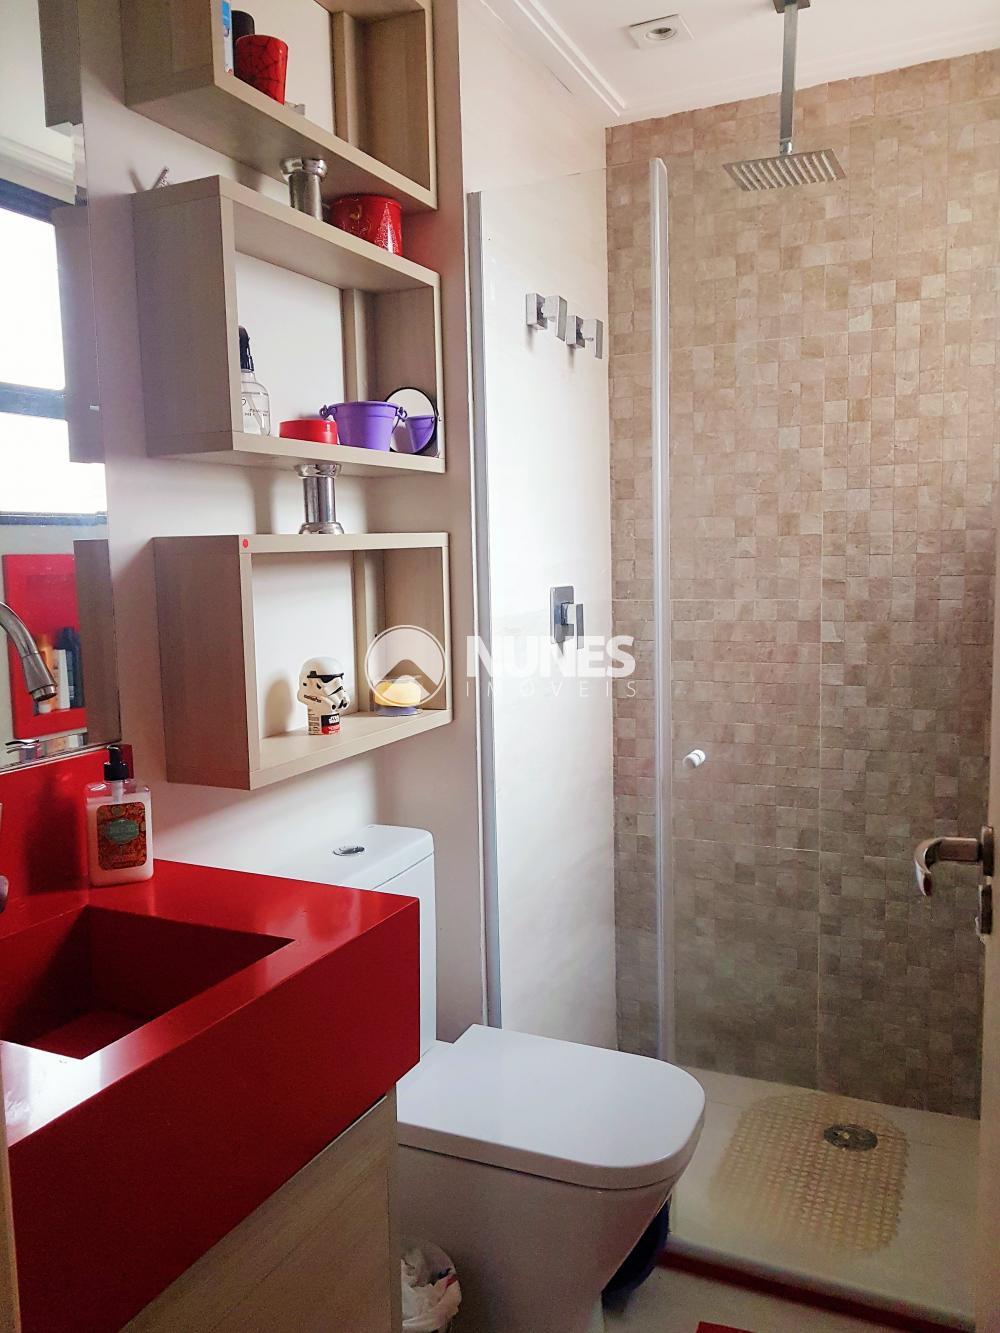 Comprar Apartamento / Padrão em Osasco R$ 480.000,00 - Foto 17